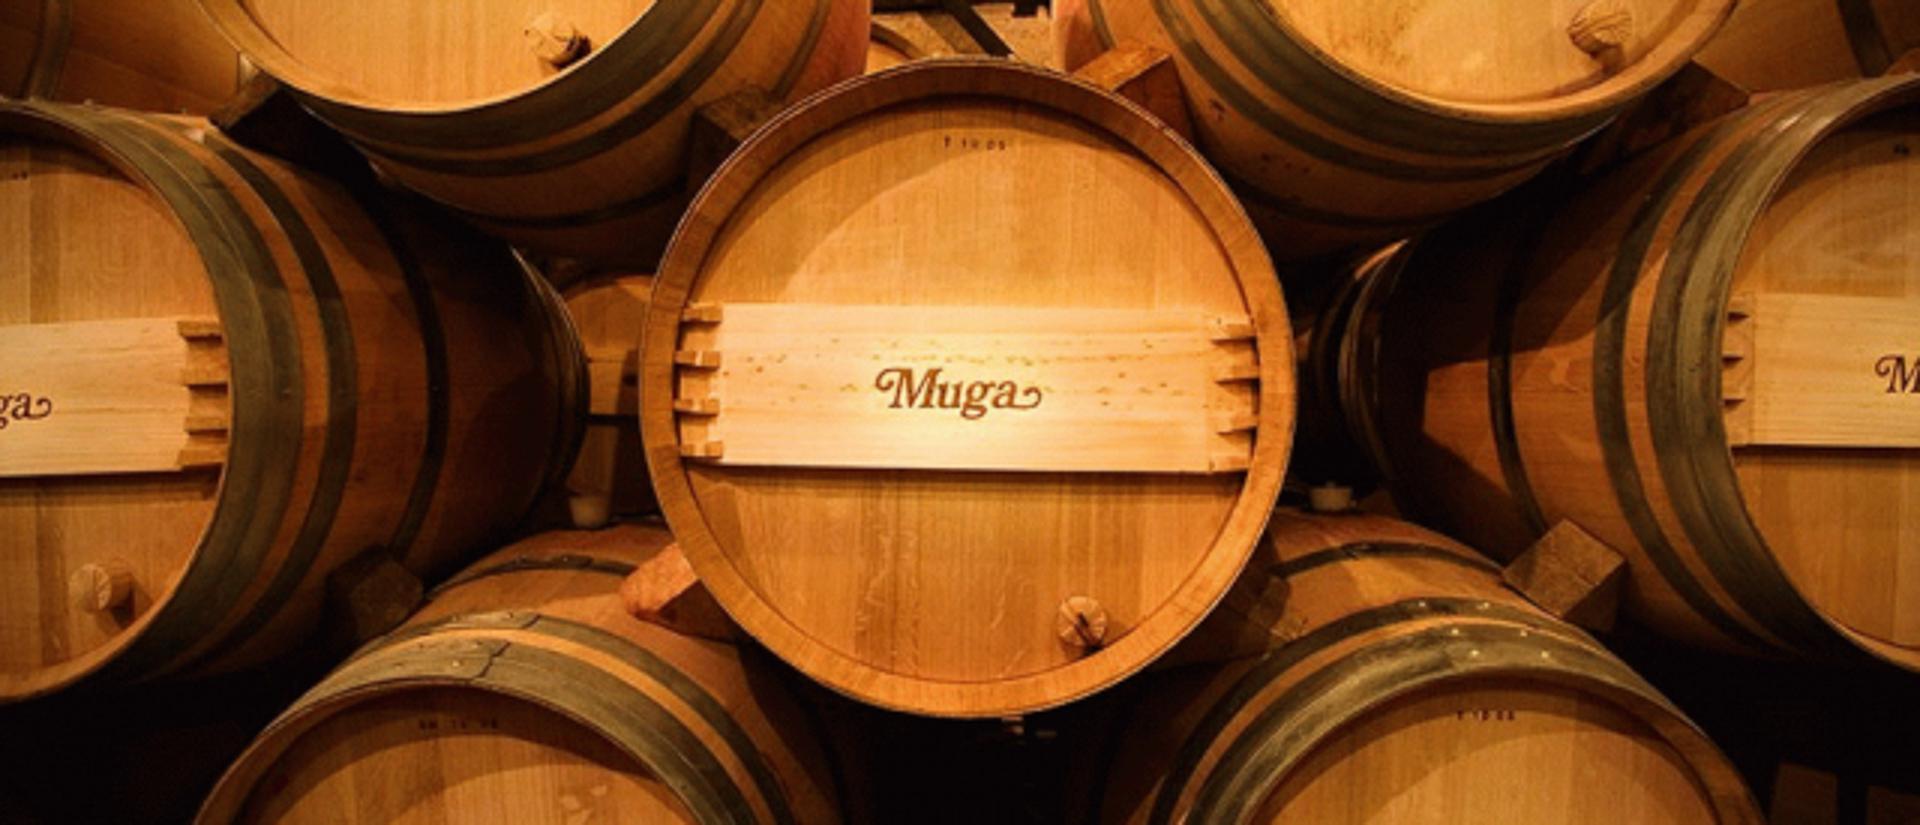 Din Vinbar: Vinsmagning med verdensklasse vine fra spanske Bodegas Muga